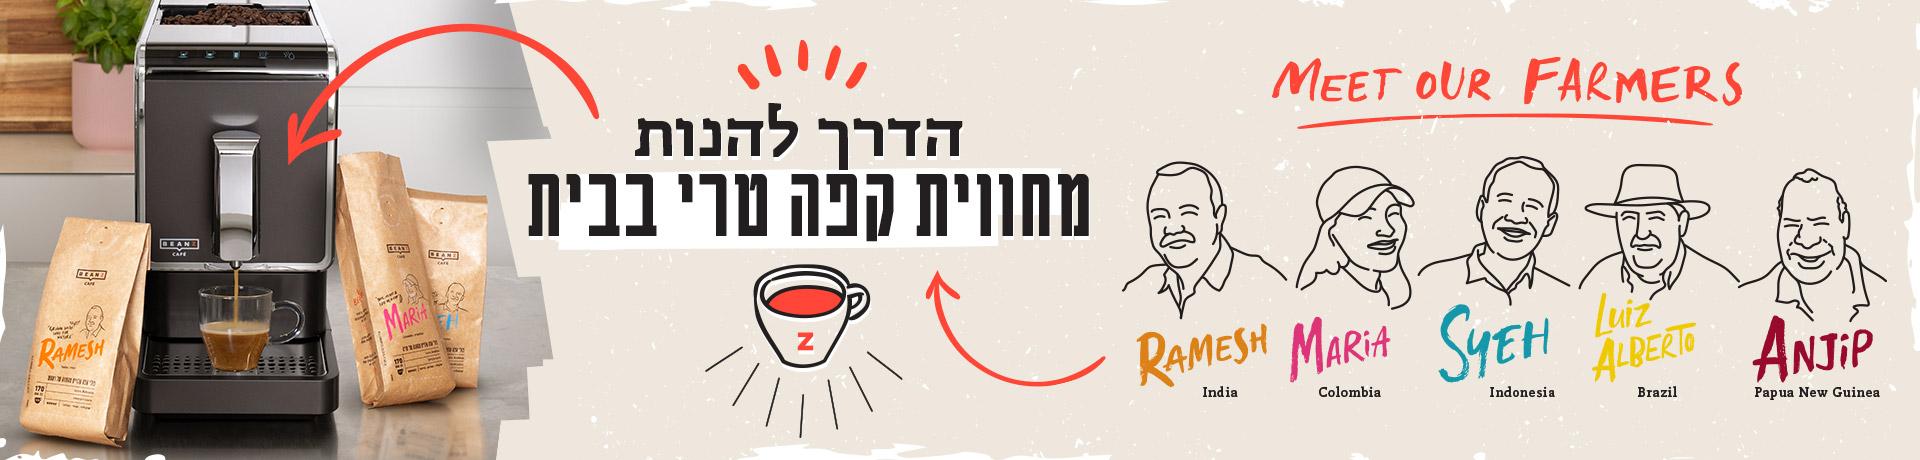 הדרך ליהנות מחוויית קפה טרי בבית